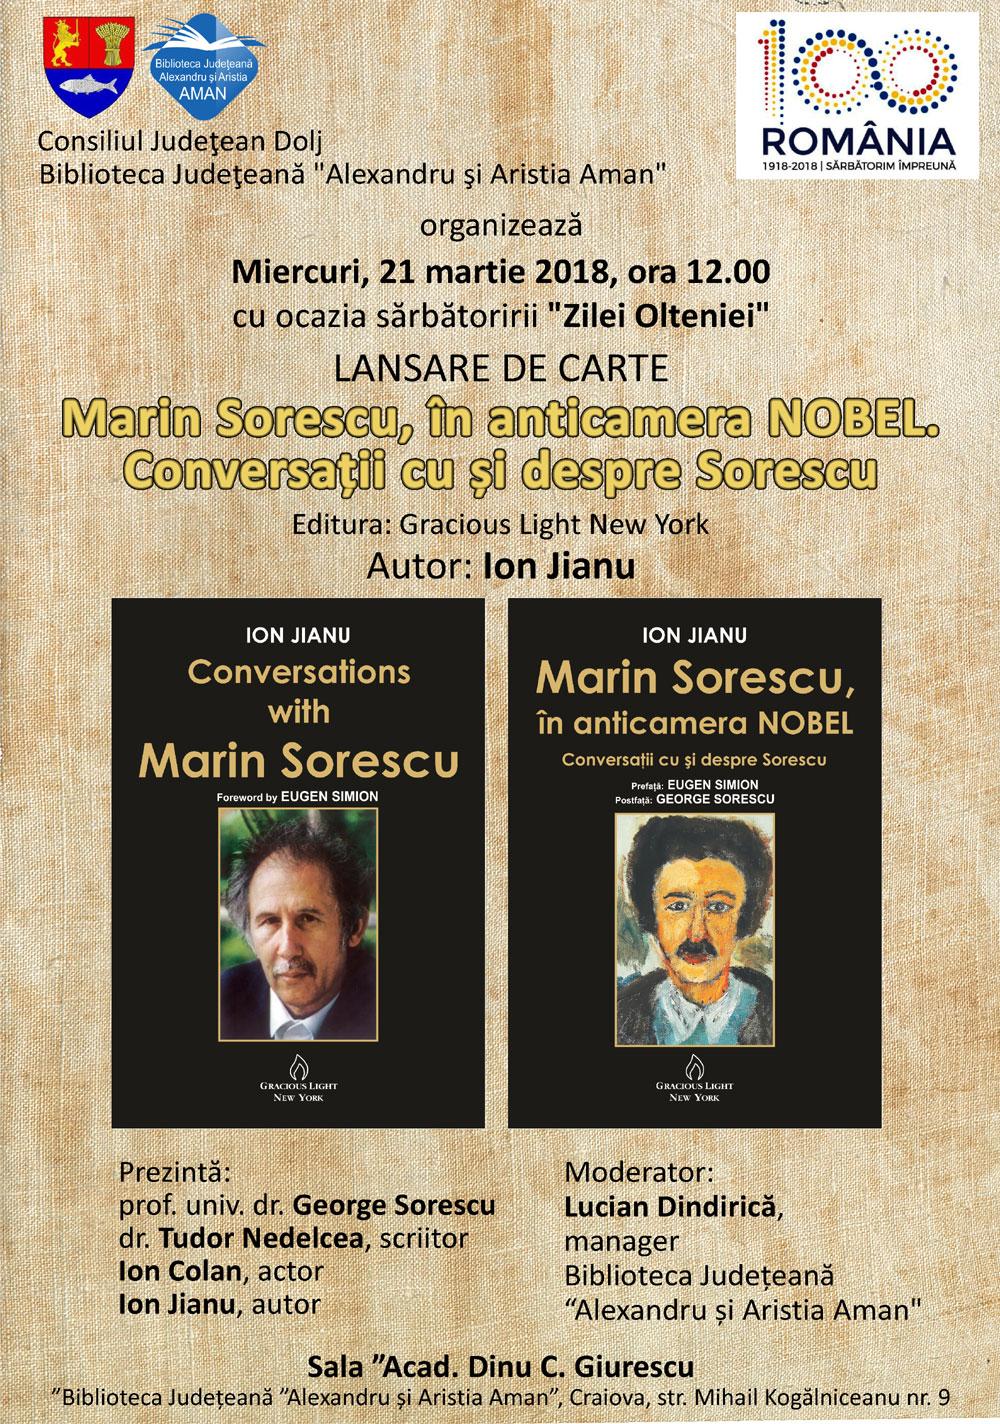 Lansare carte, Craiova